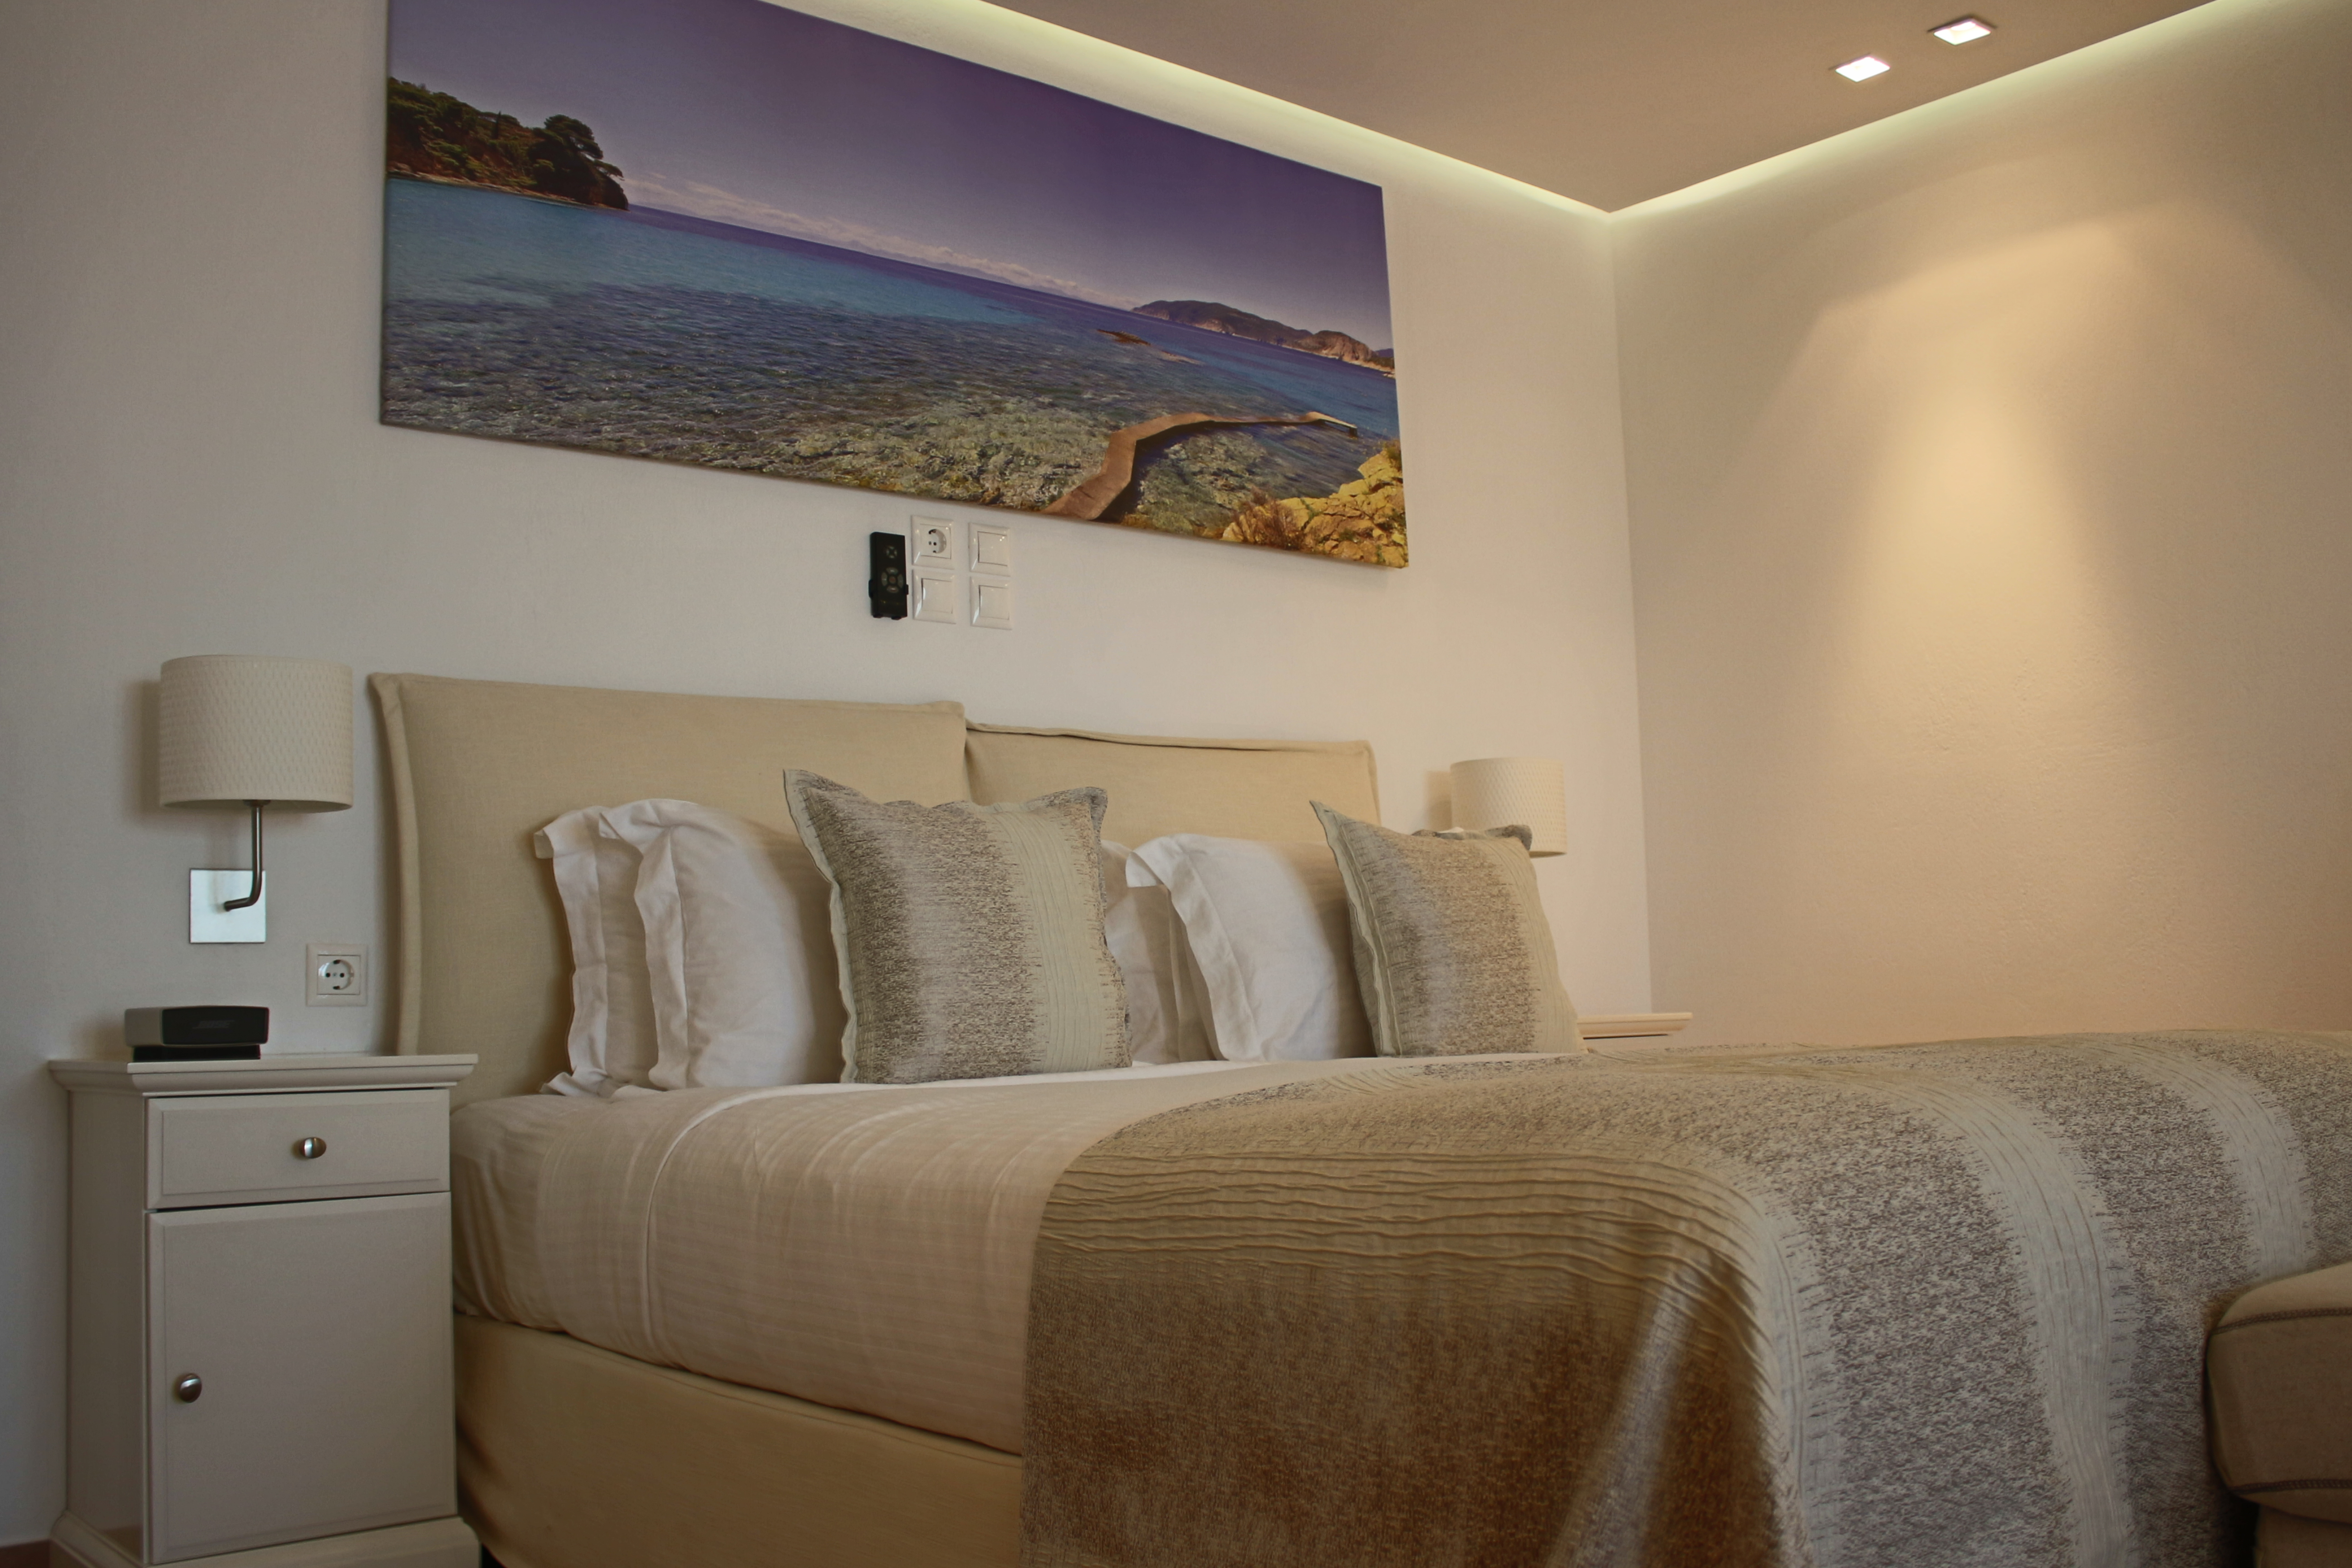 Acacia bed